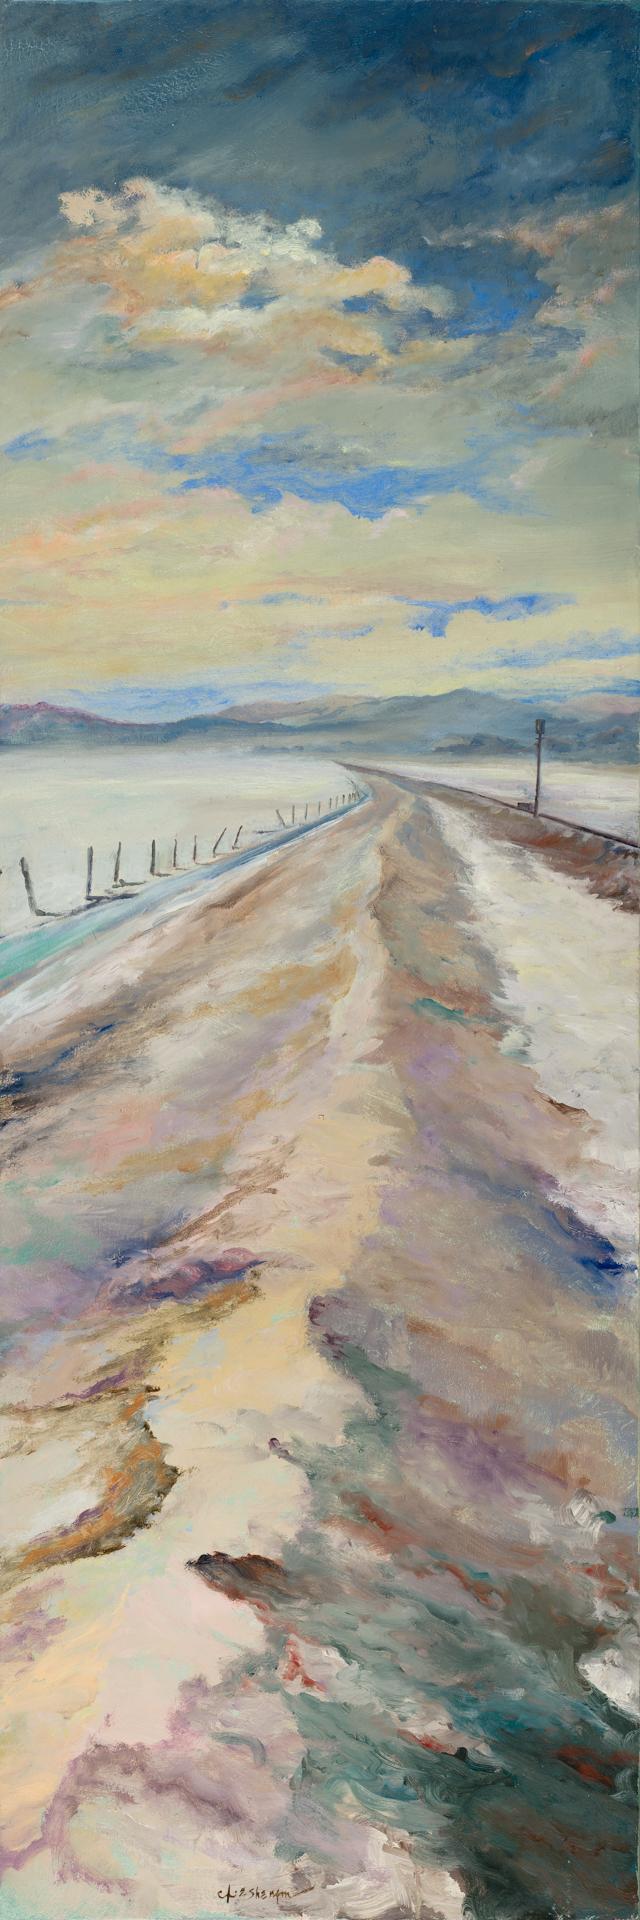 Bonneville Salt Flats Triptych (3 of 3)_zap.jpg